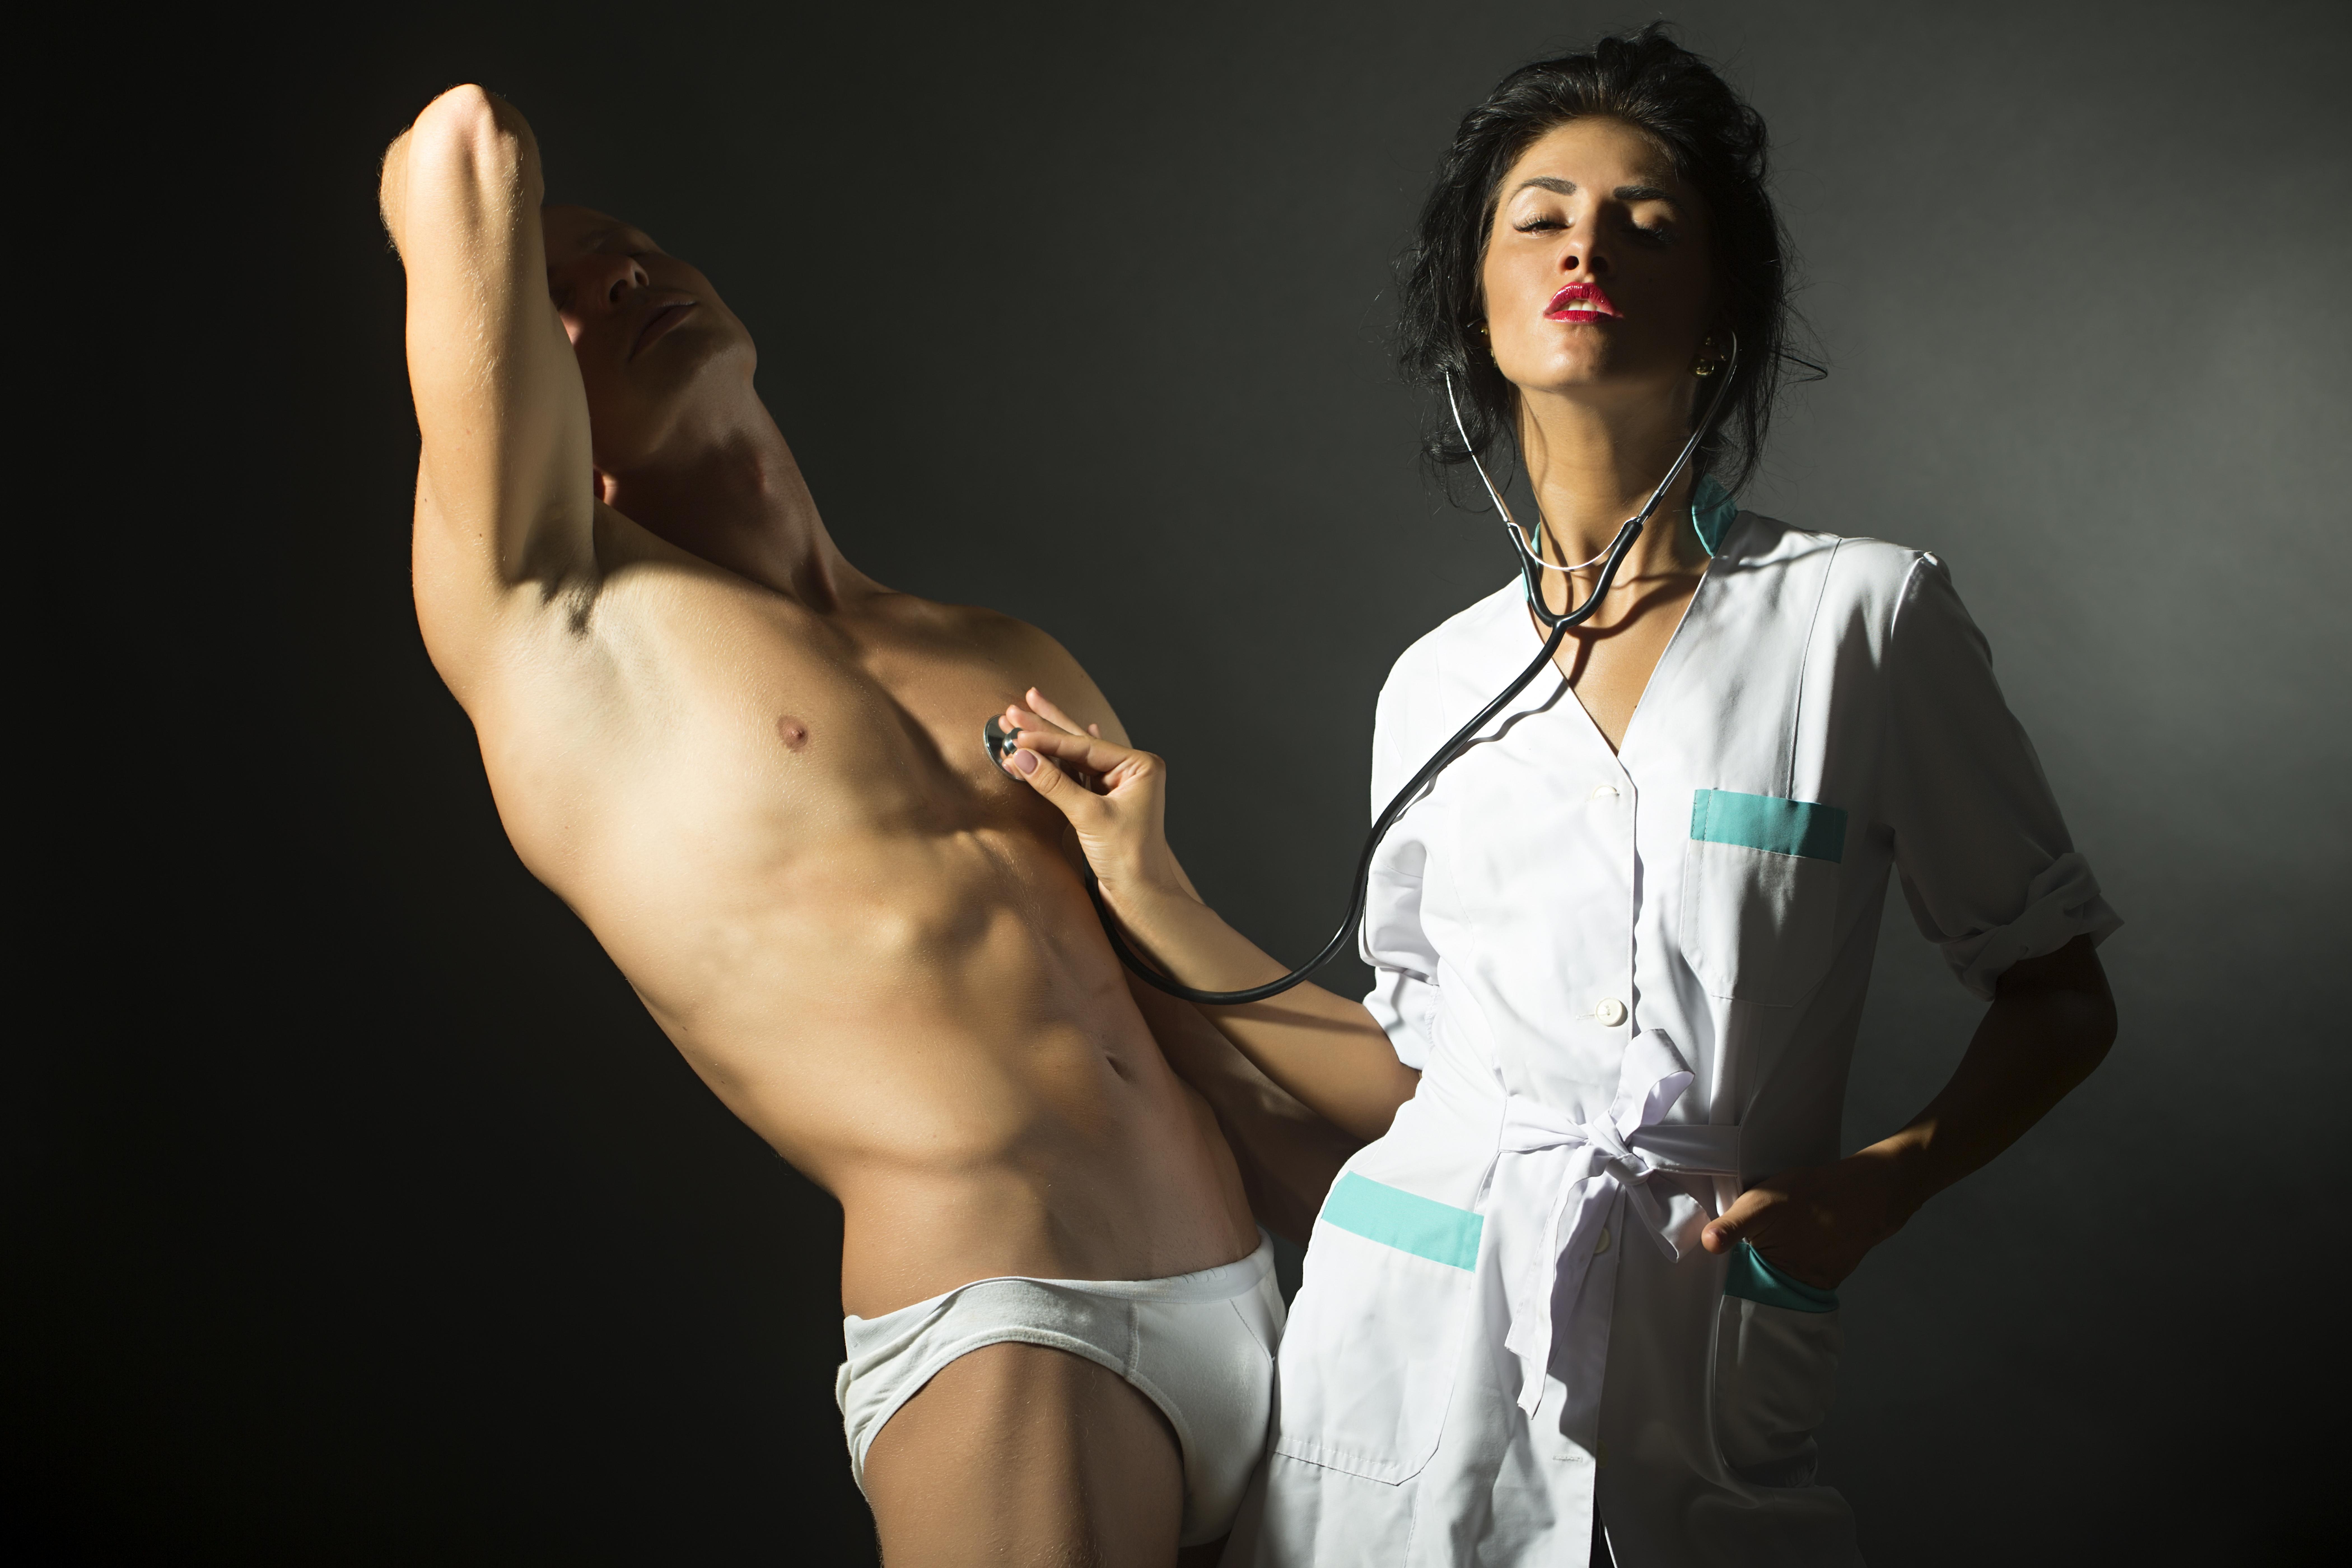 Эротические взрослые игры ролевые, Скачать ролевые (rpg) эротические и порно игры 23 фотография